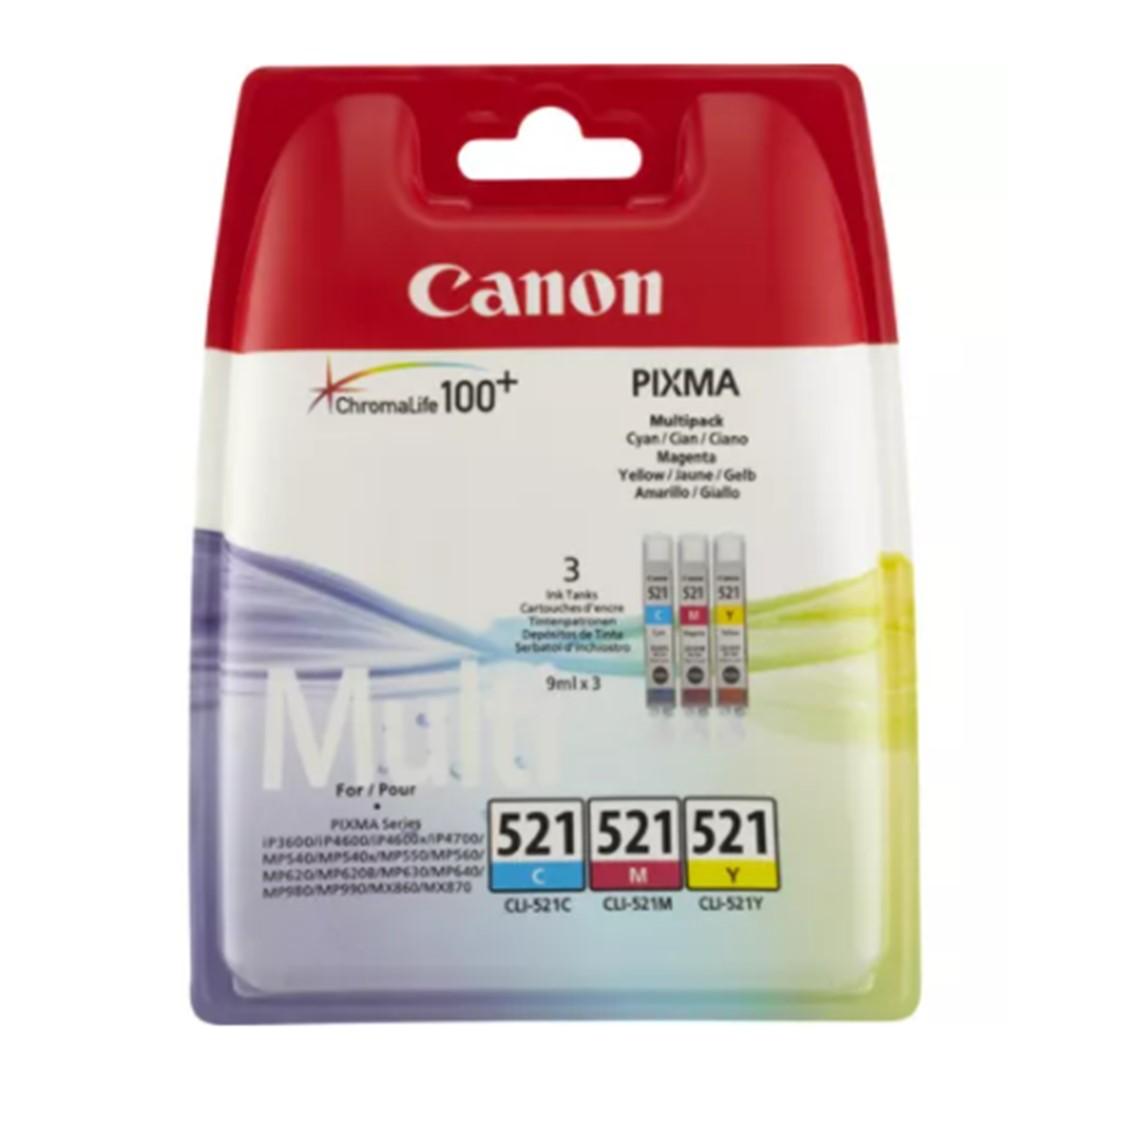 MULTIPACK CANON CLI-521 PIXMA 3600 4600